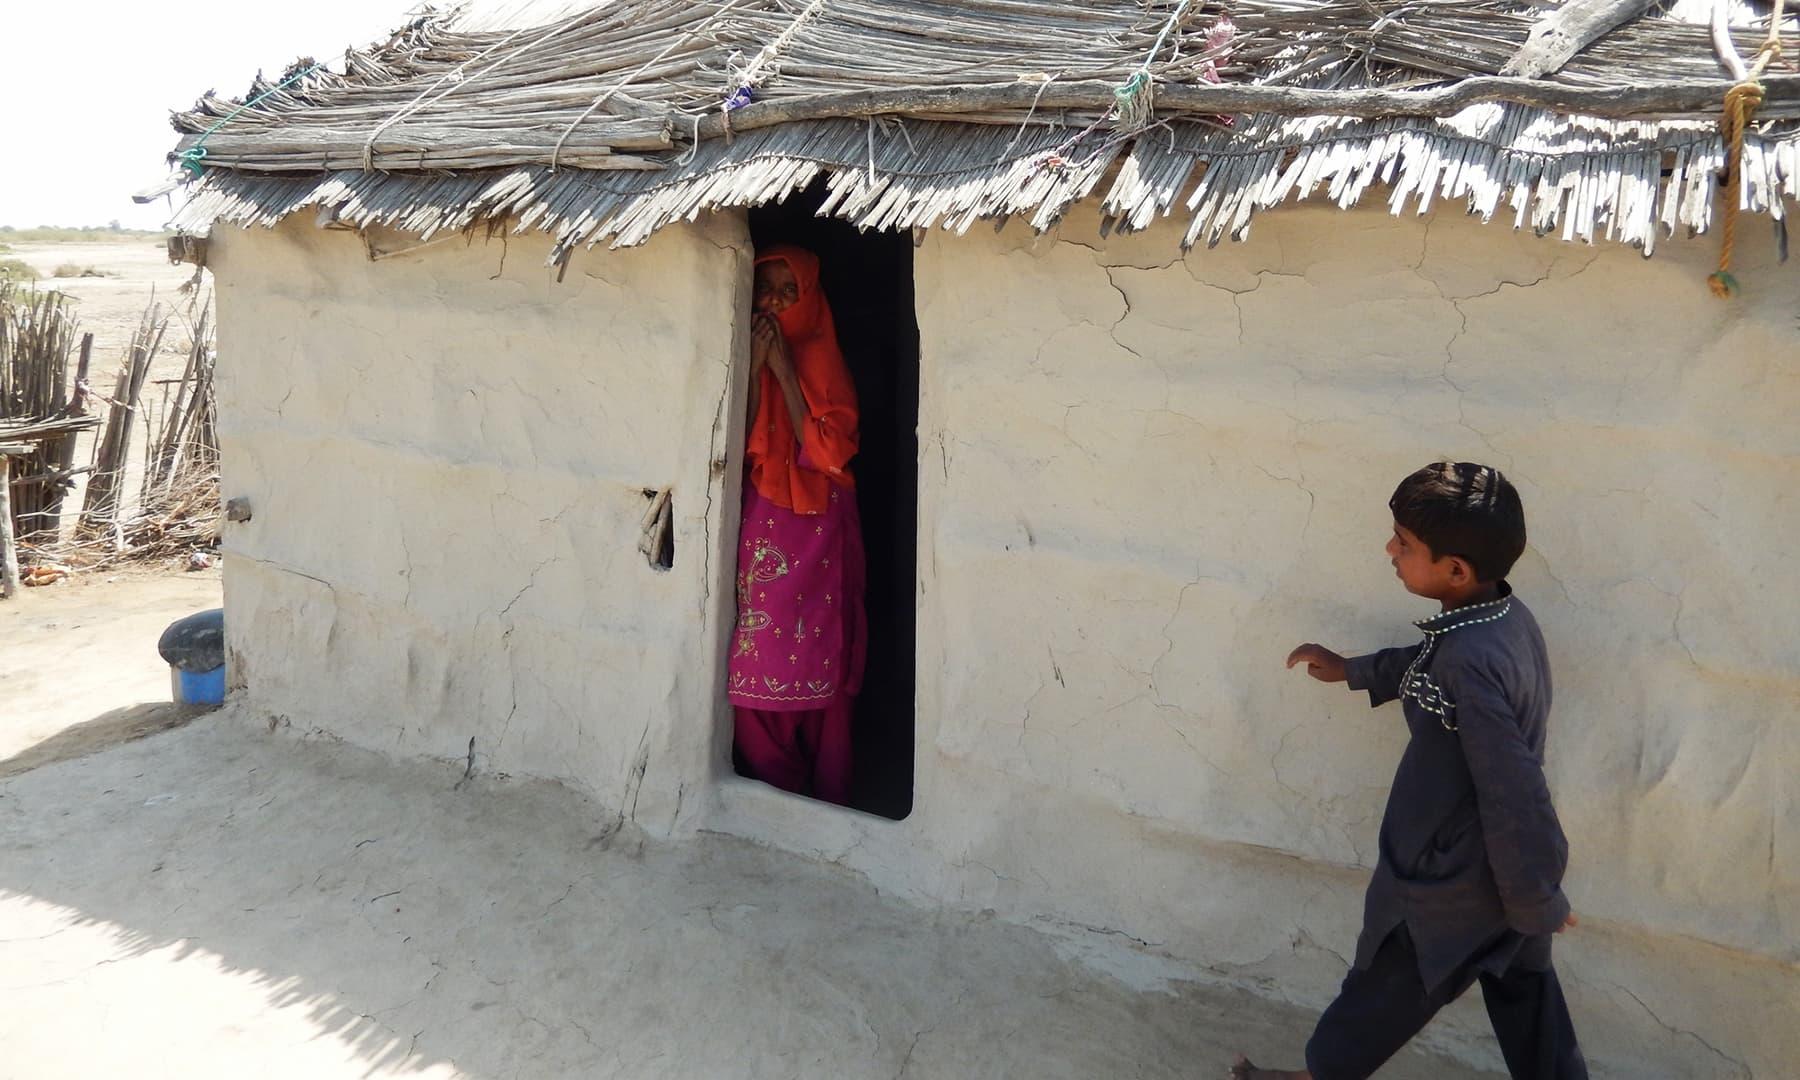 گاؤں کا ایک پرسکون آنگن — تصویر ابوبکر شیخ